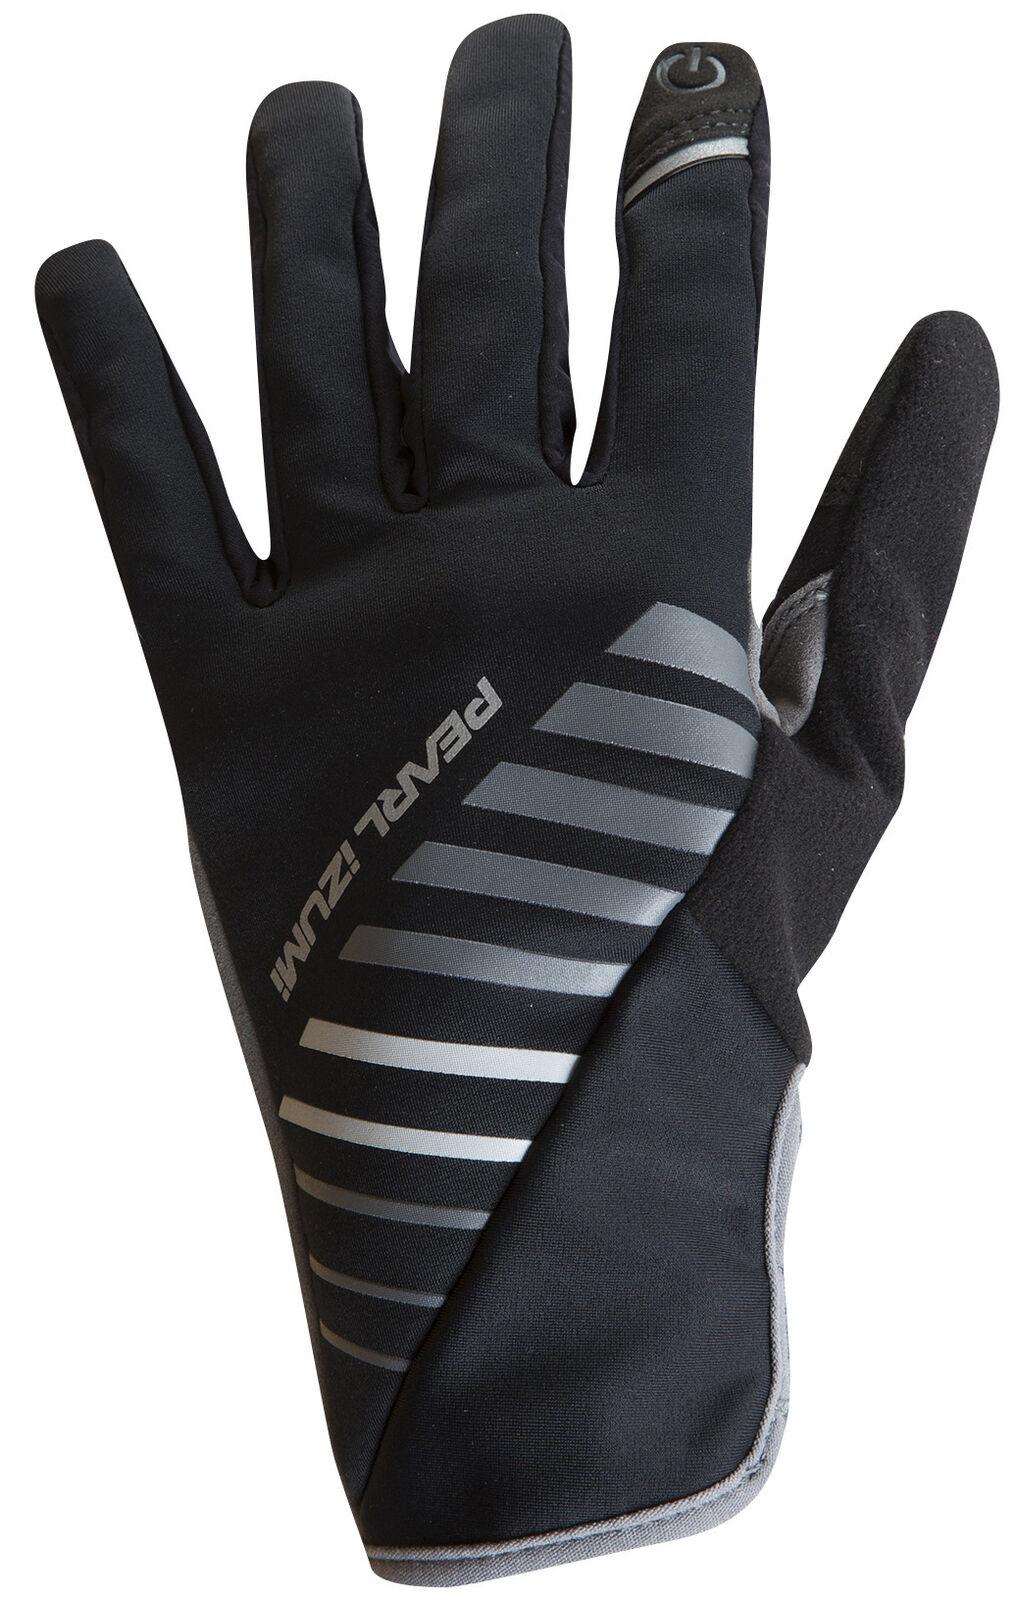 Pearl Izumi Cyclone Gel DaSie Winter Fahrrad Handschuhe schwarz 2017